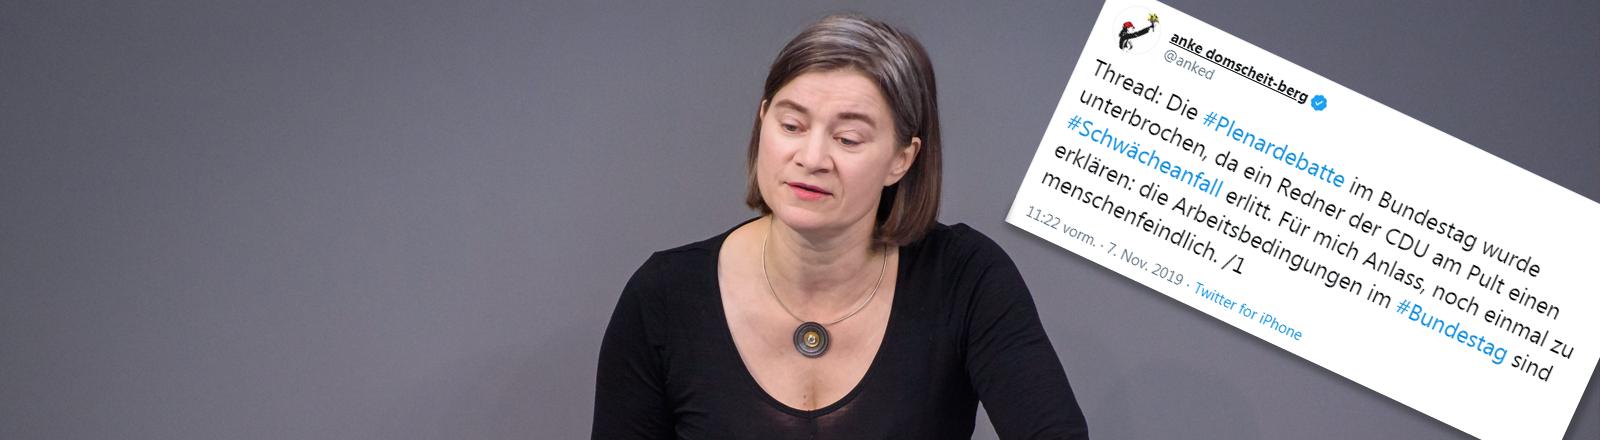 Anke Domscheit-Berg während einer Sitzung des deutschen Bundestags am 18.10.2019